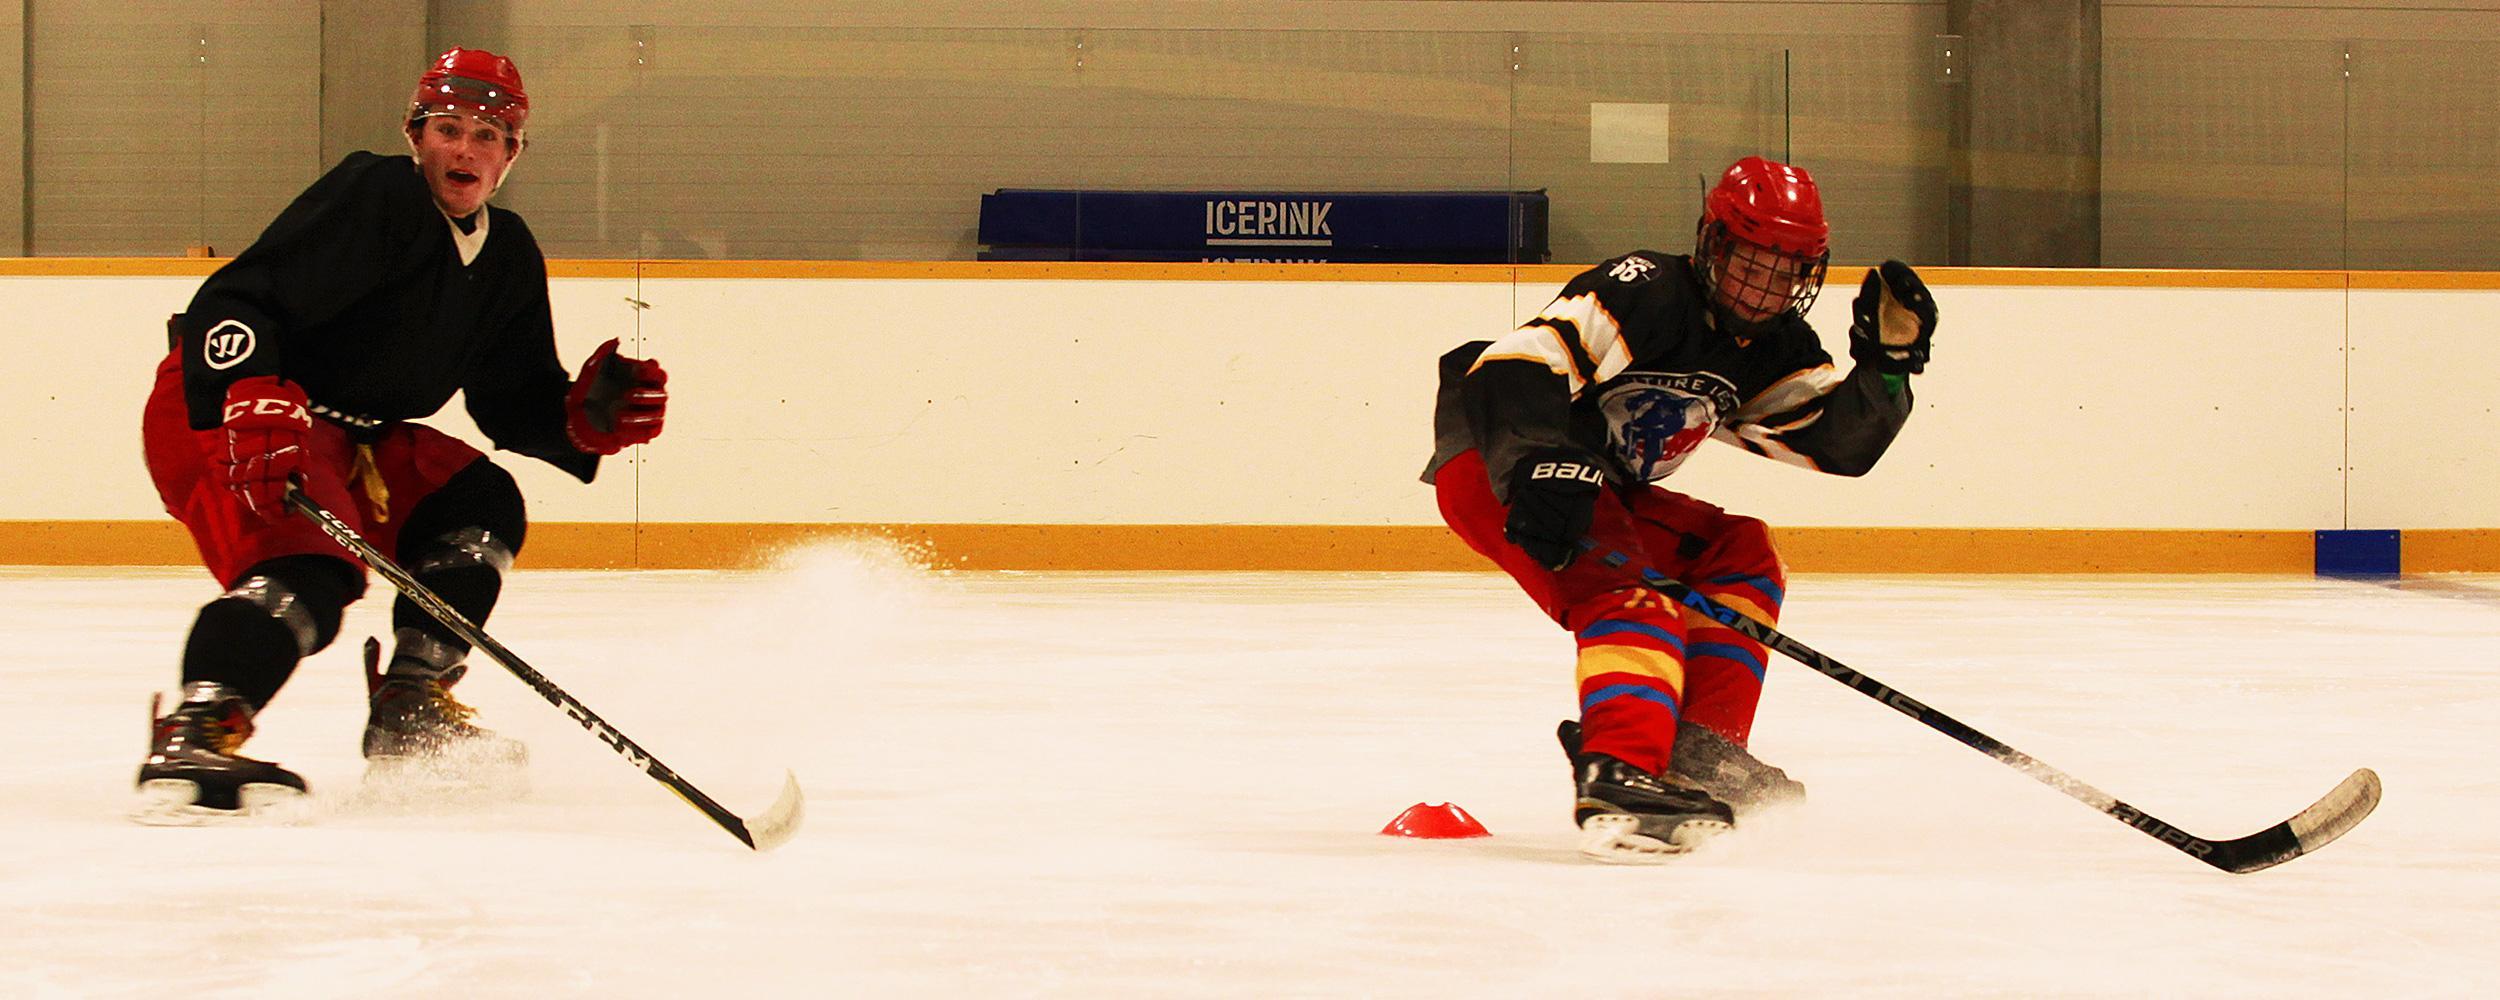 Hokejisti na individuelním tréninku